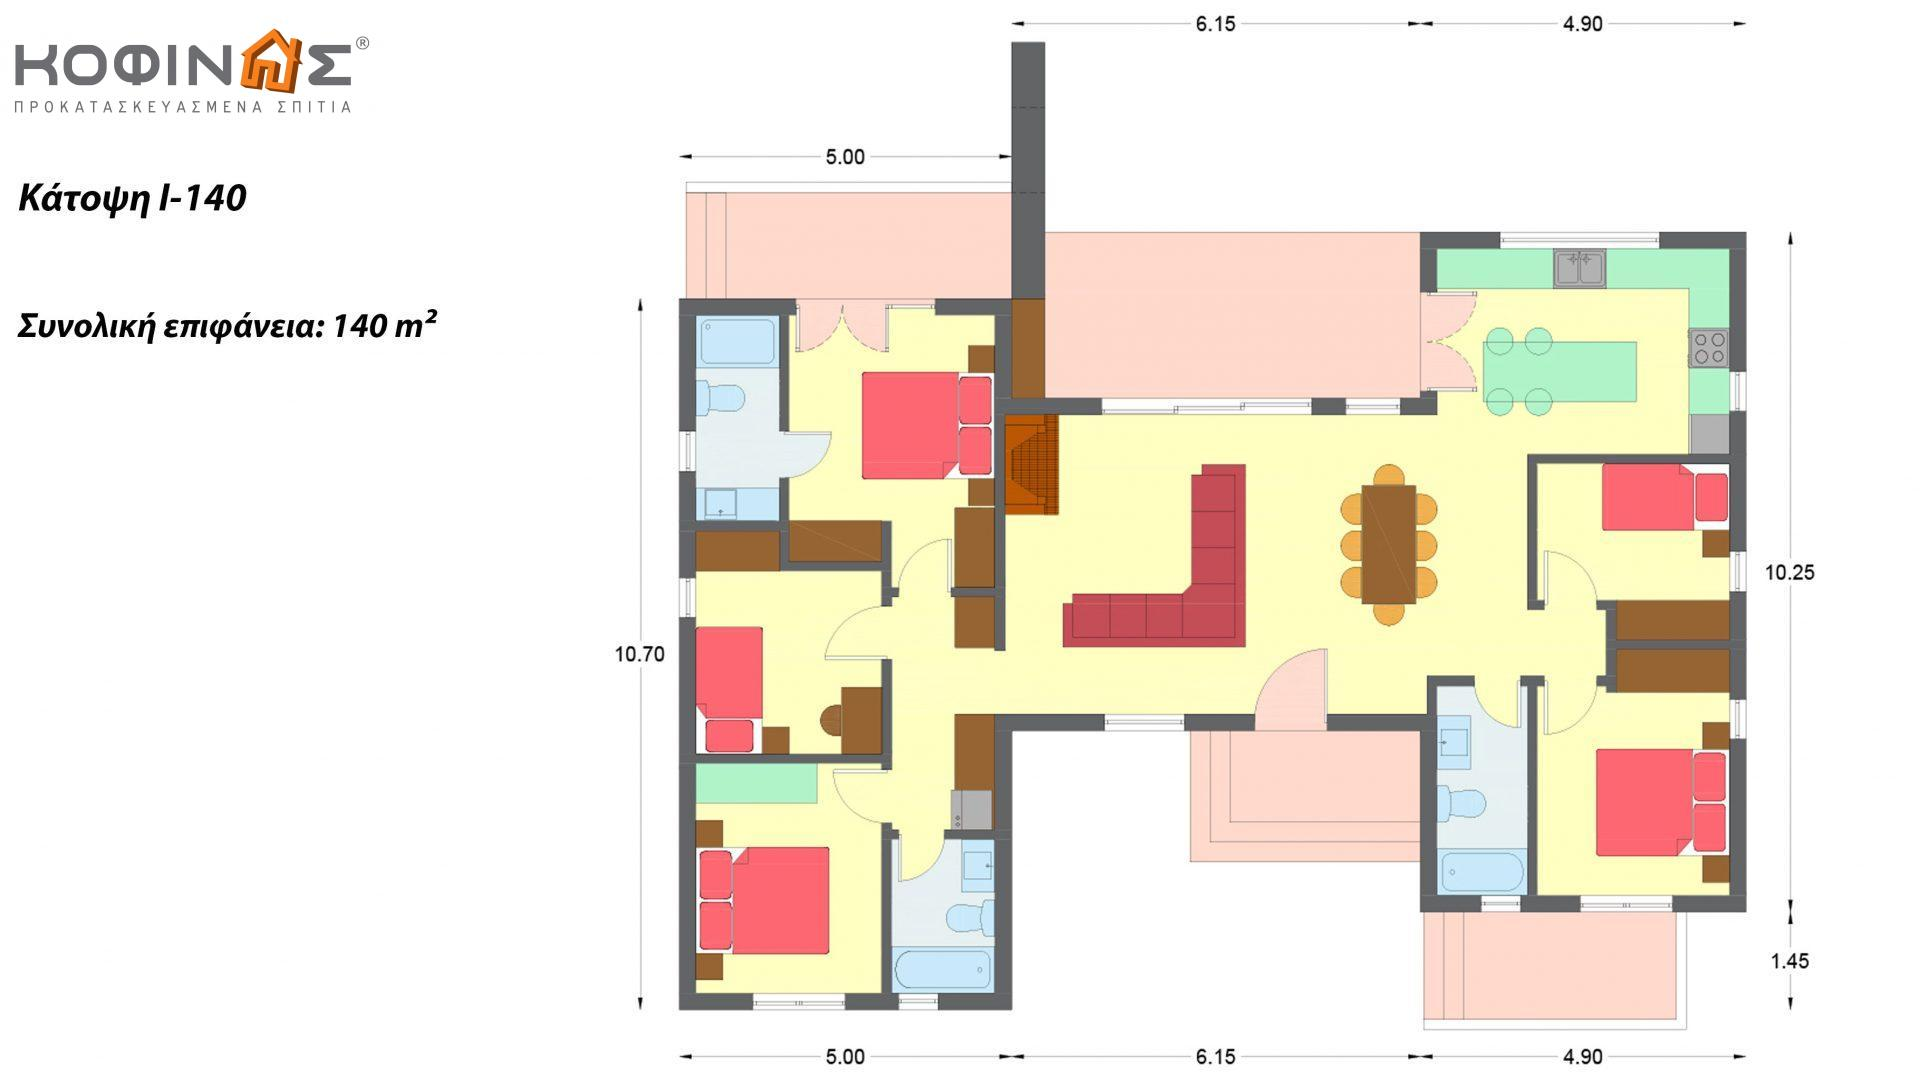 Ισόγεια Κατοικία I-140, συνολικής επιφάνειας 140 τ.μ.